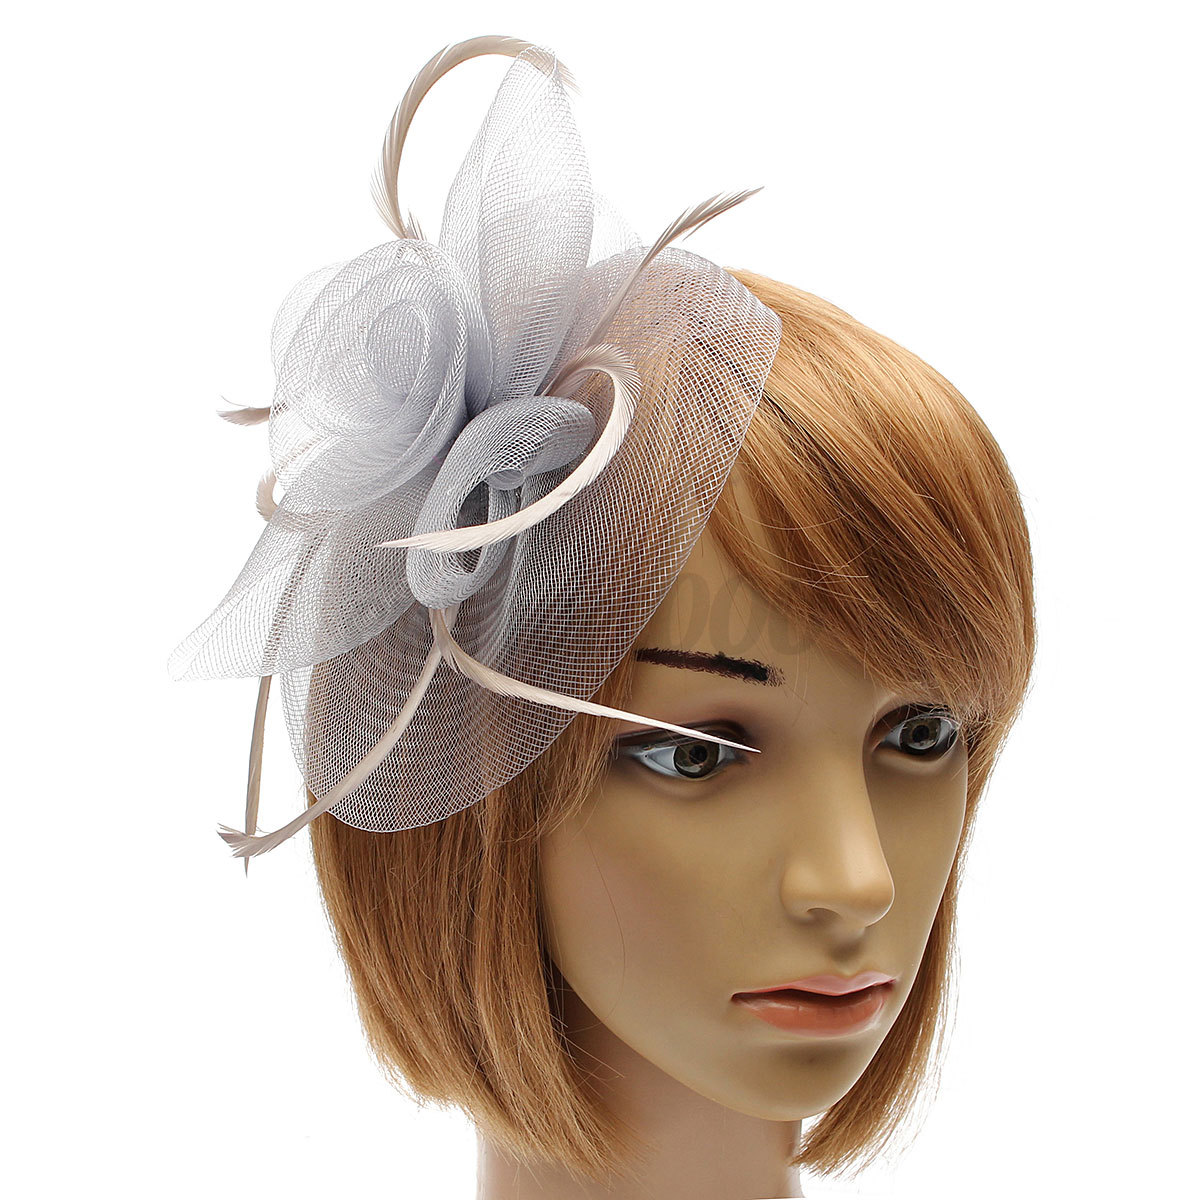 Fascinator Headpiece